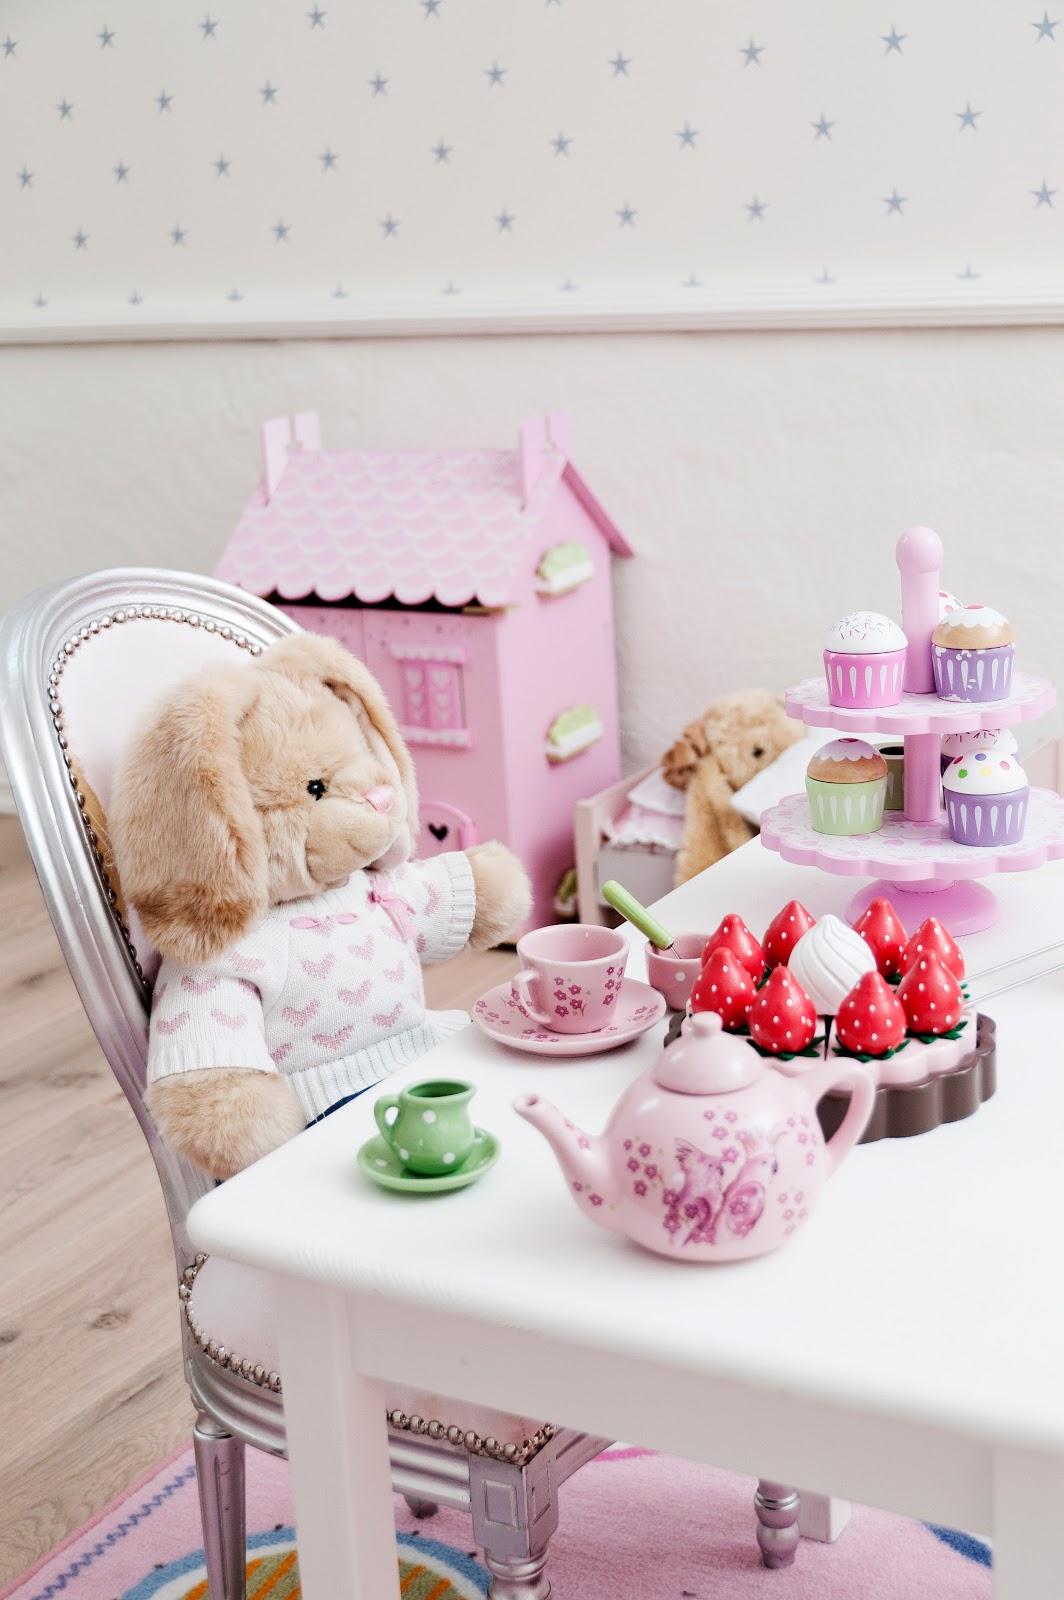 Barnerom Innredning: Tips til innredning av barnerommet. Fargebarn ...